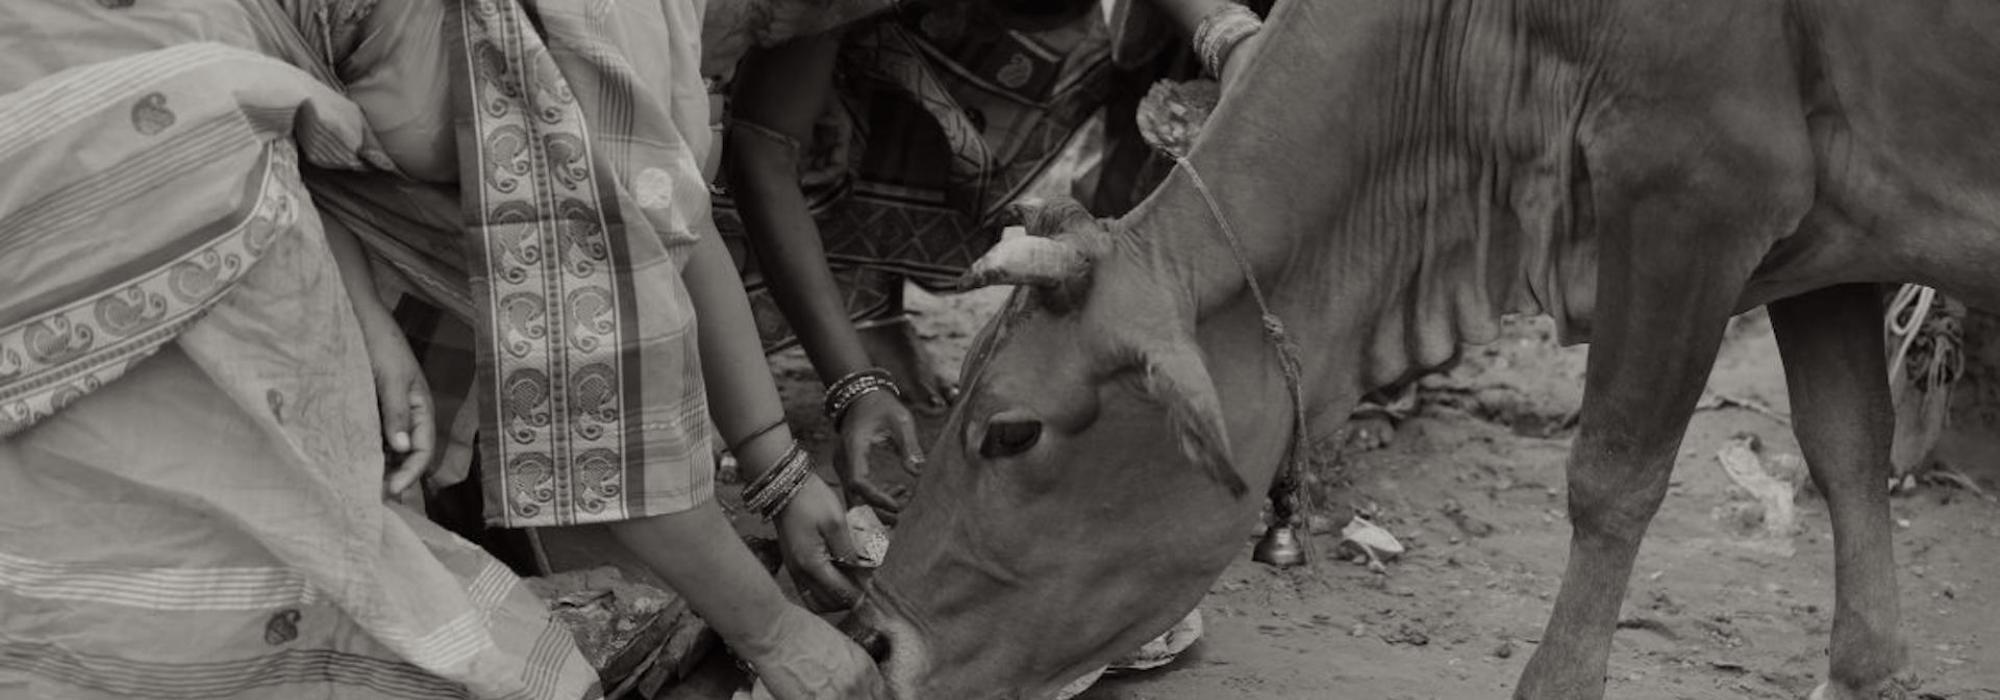 Women Feeding Cow